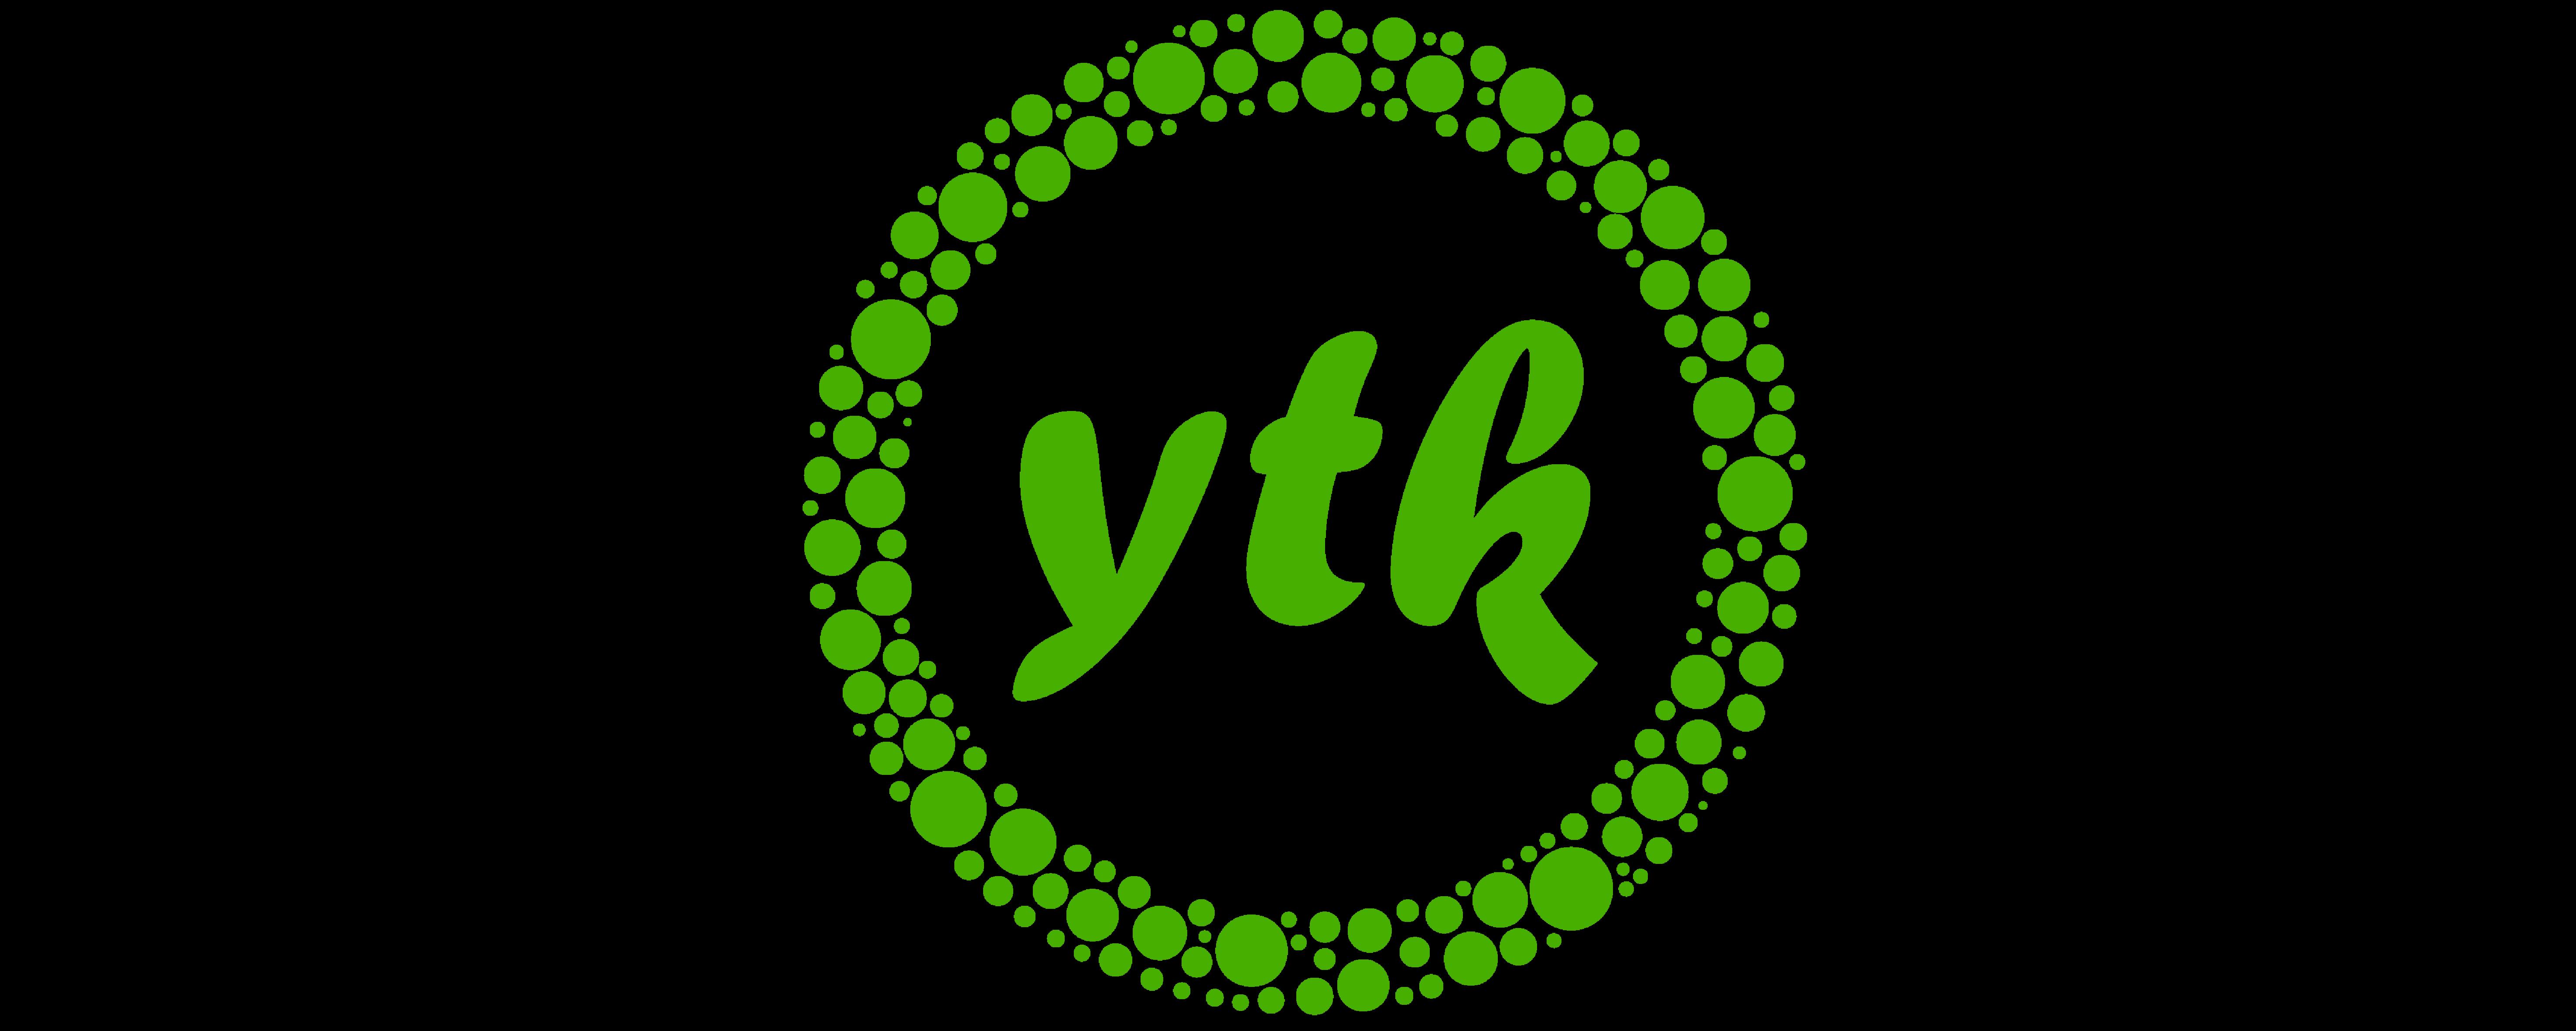 ytk-getjenny-logo